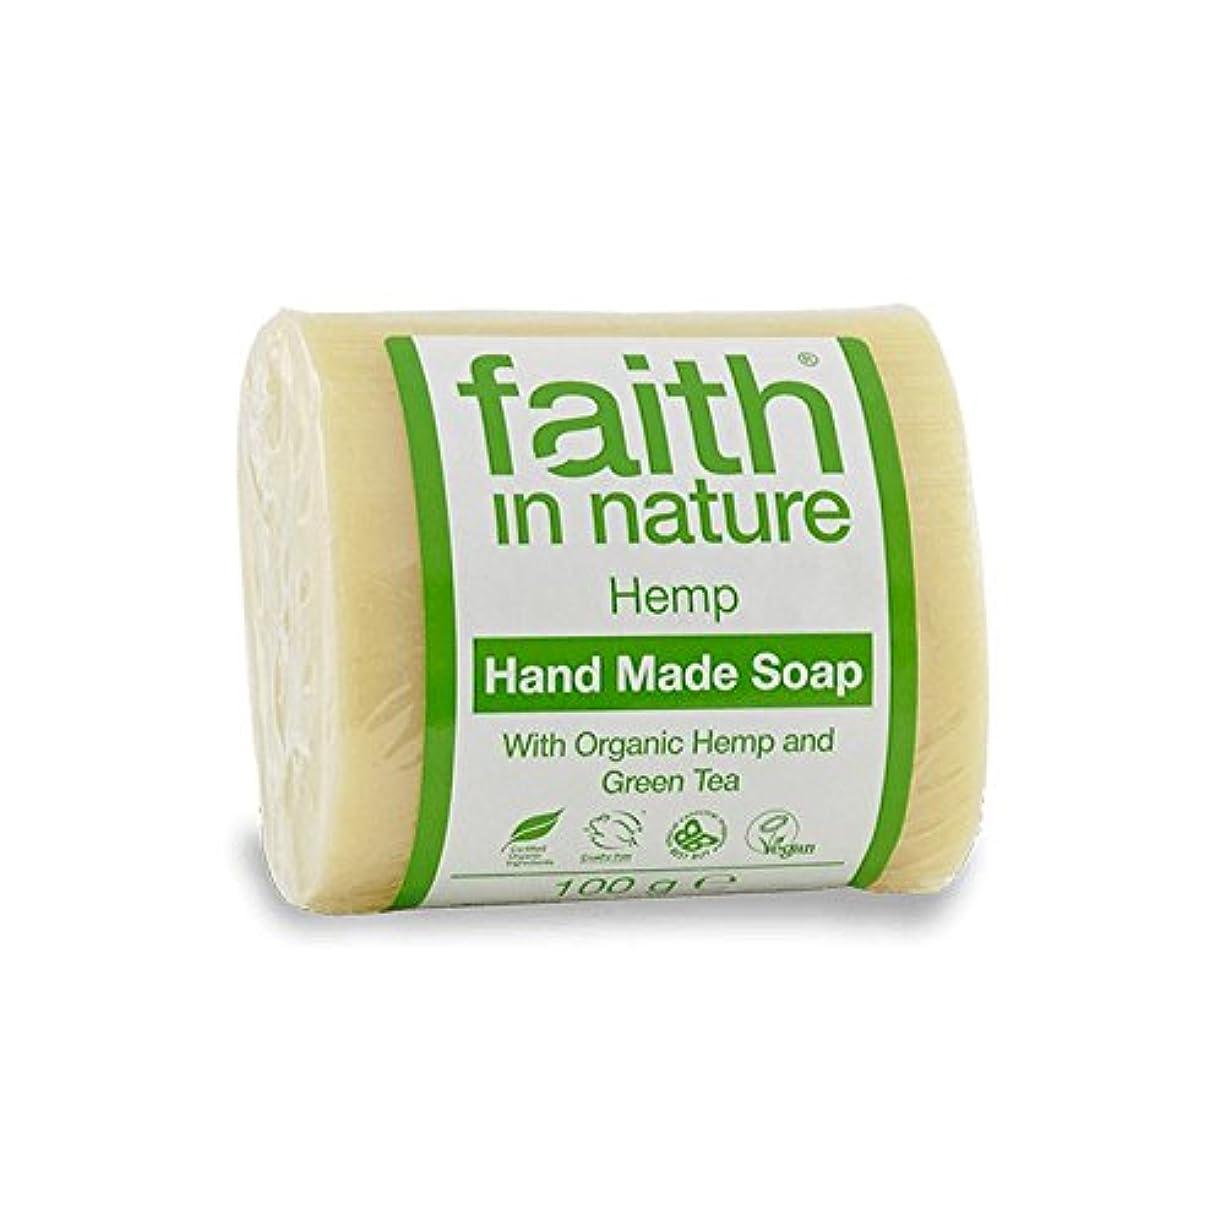 漫画拡大するピカソ緑茶石鹸100グラムと自然の麻の信仰 - Faith in Nature Hemp with Green Tea Soap 100g (Faith in Nature) [並行輸入品]